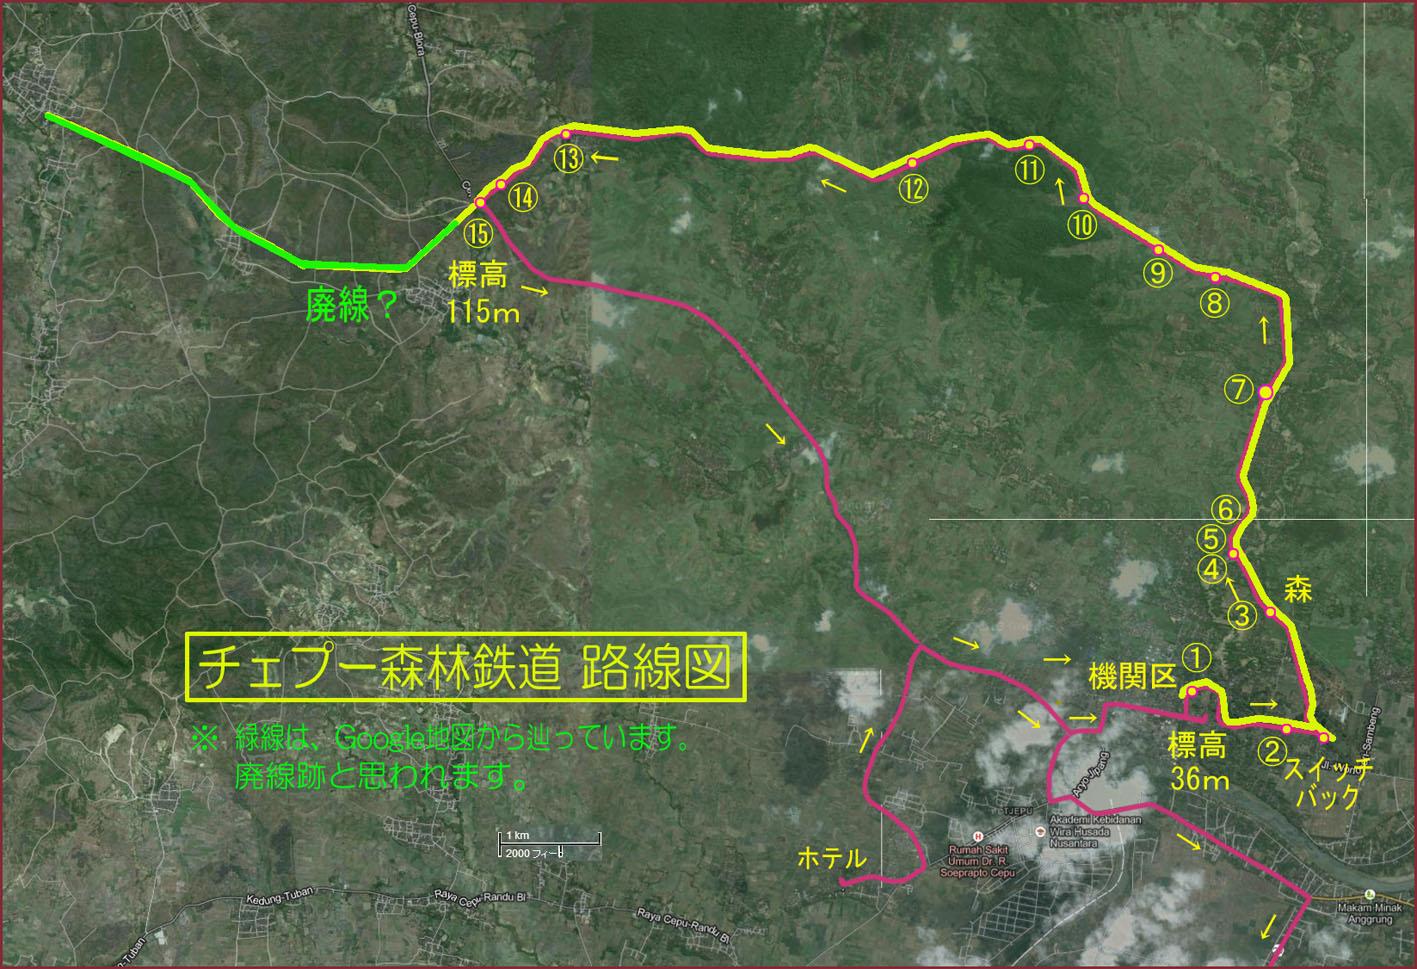 01_チェプー森林鉄道路線図